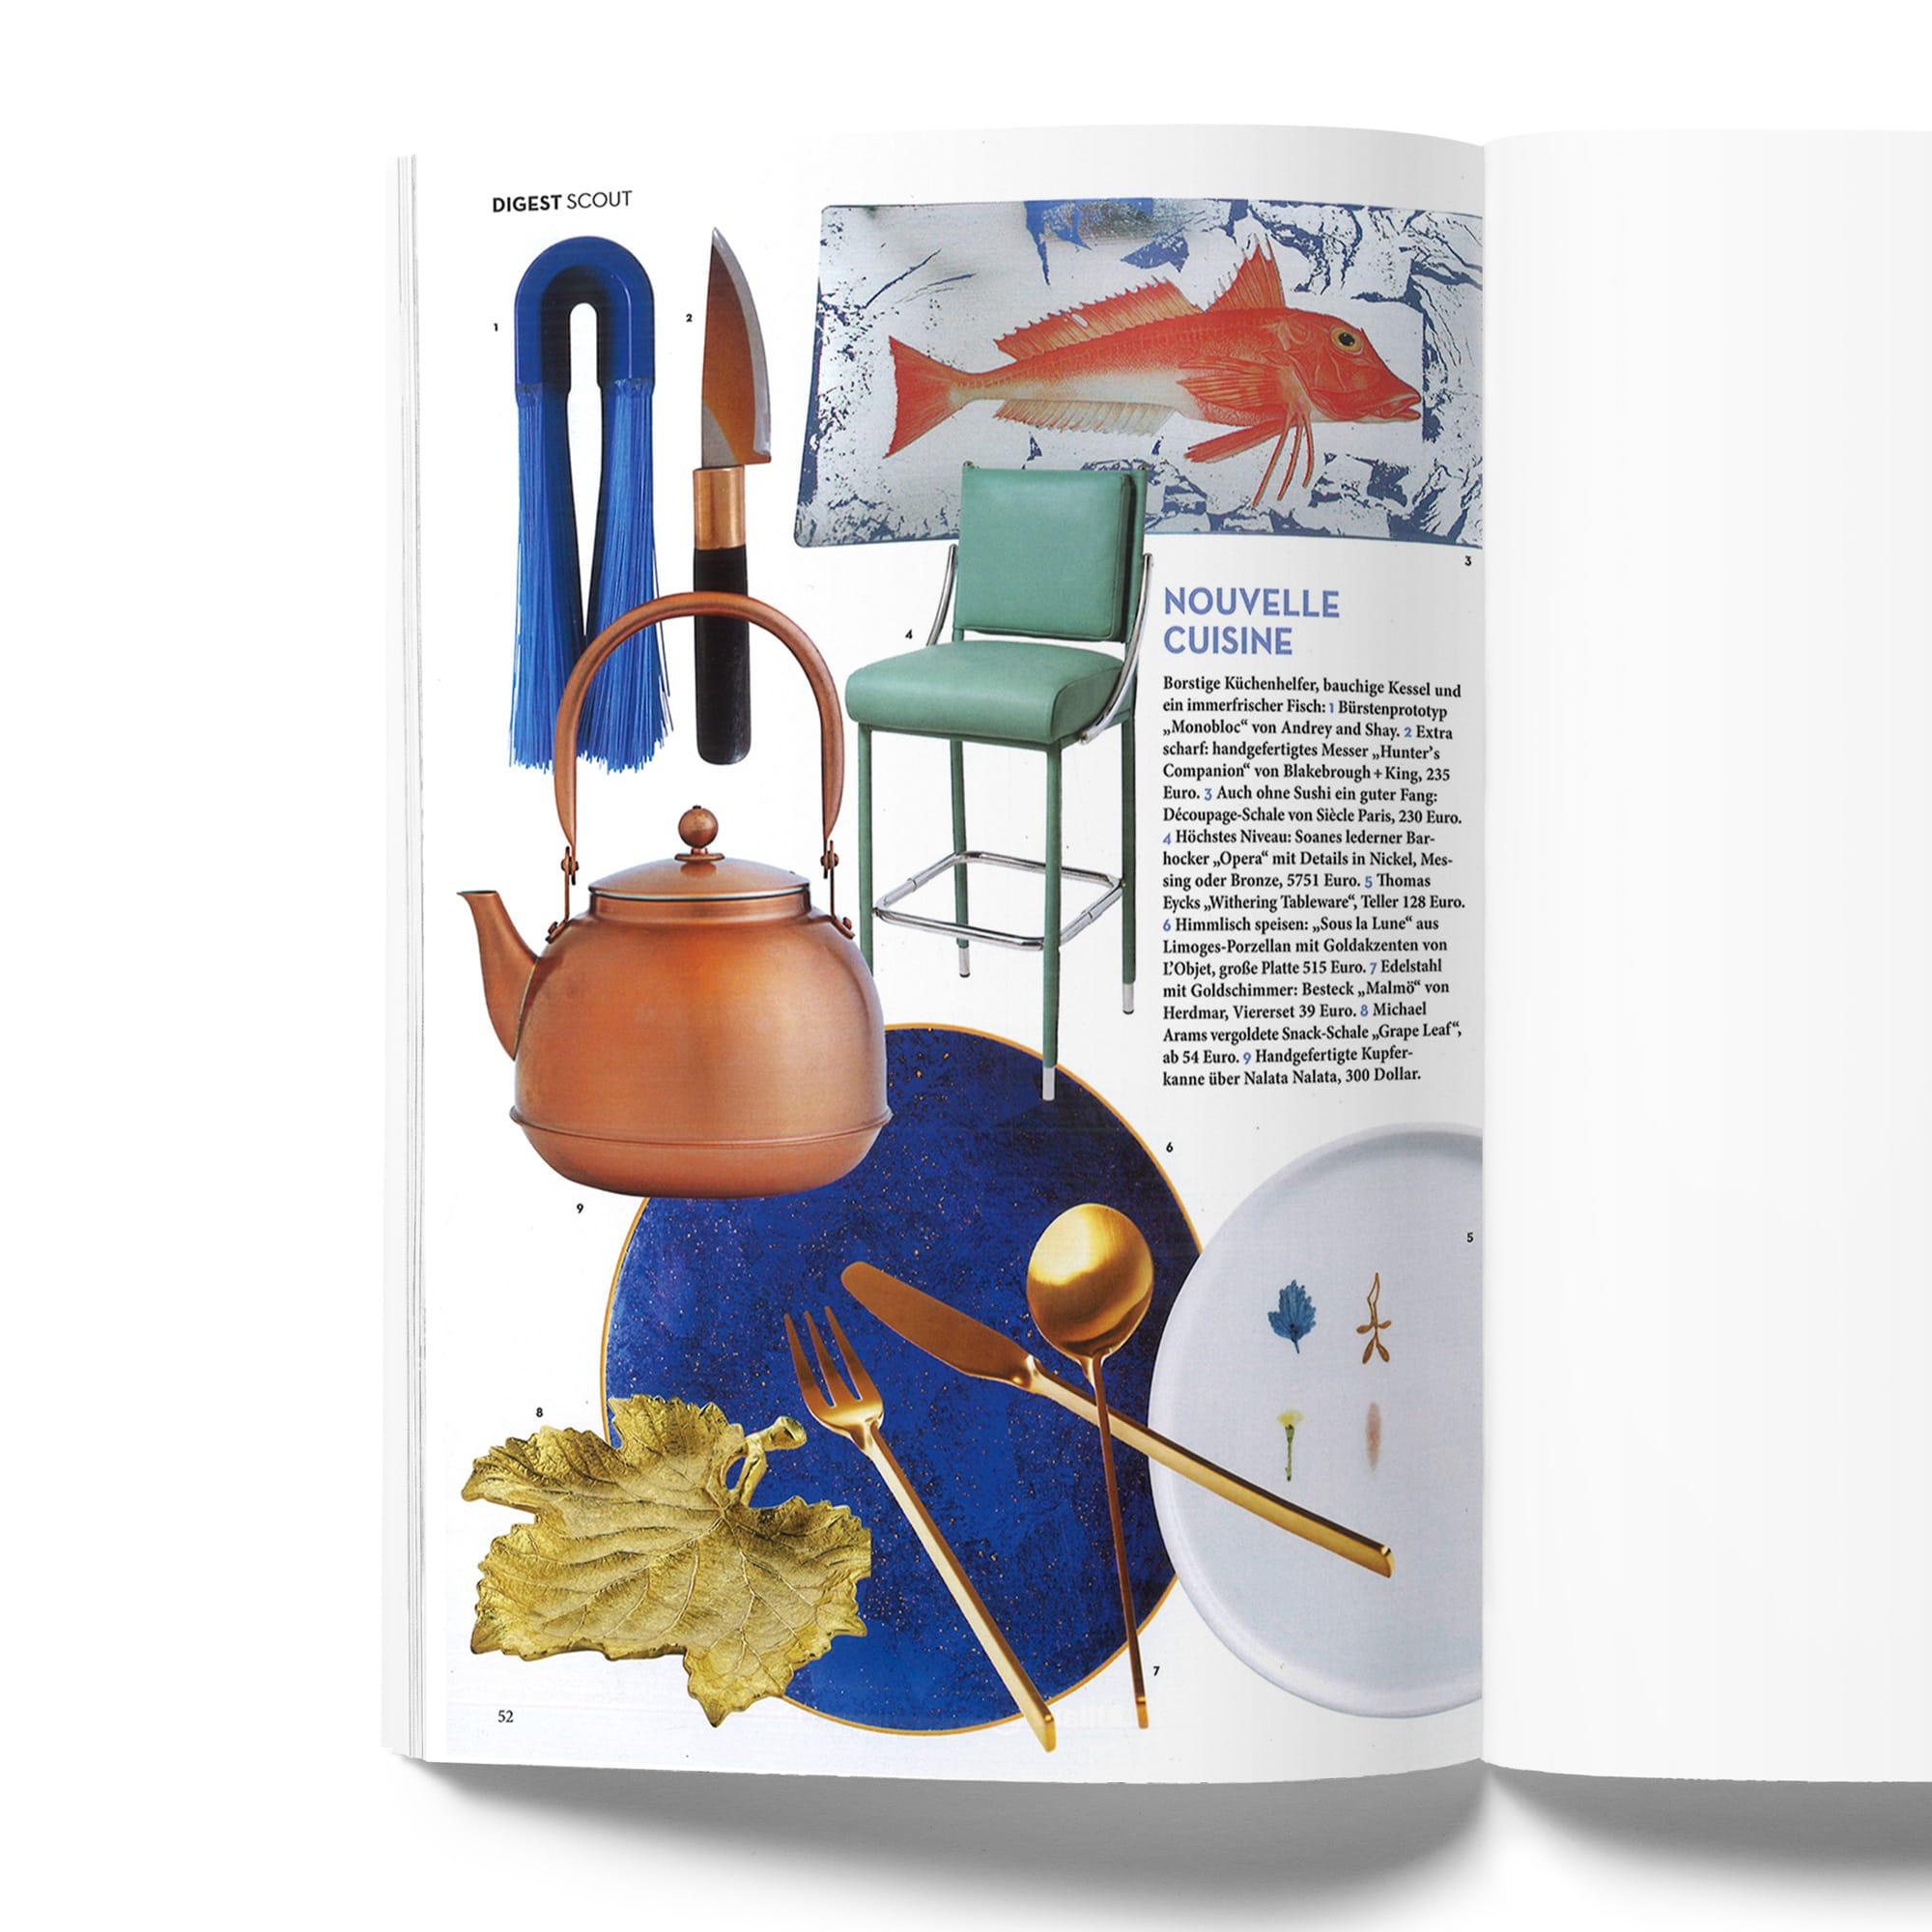 AD_Nov_page - DESIGN BY MIGUEL SOEIRO